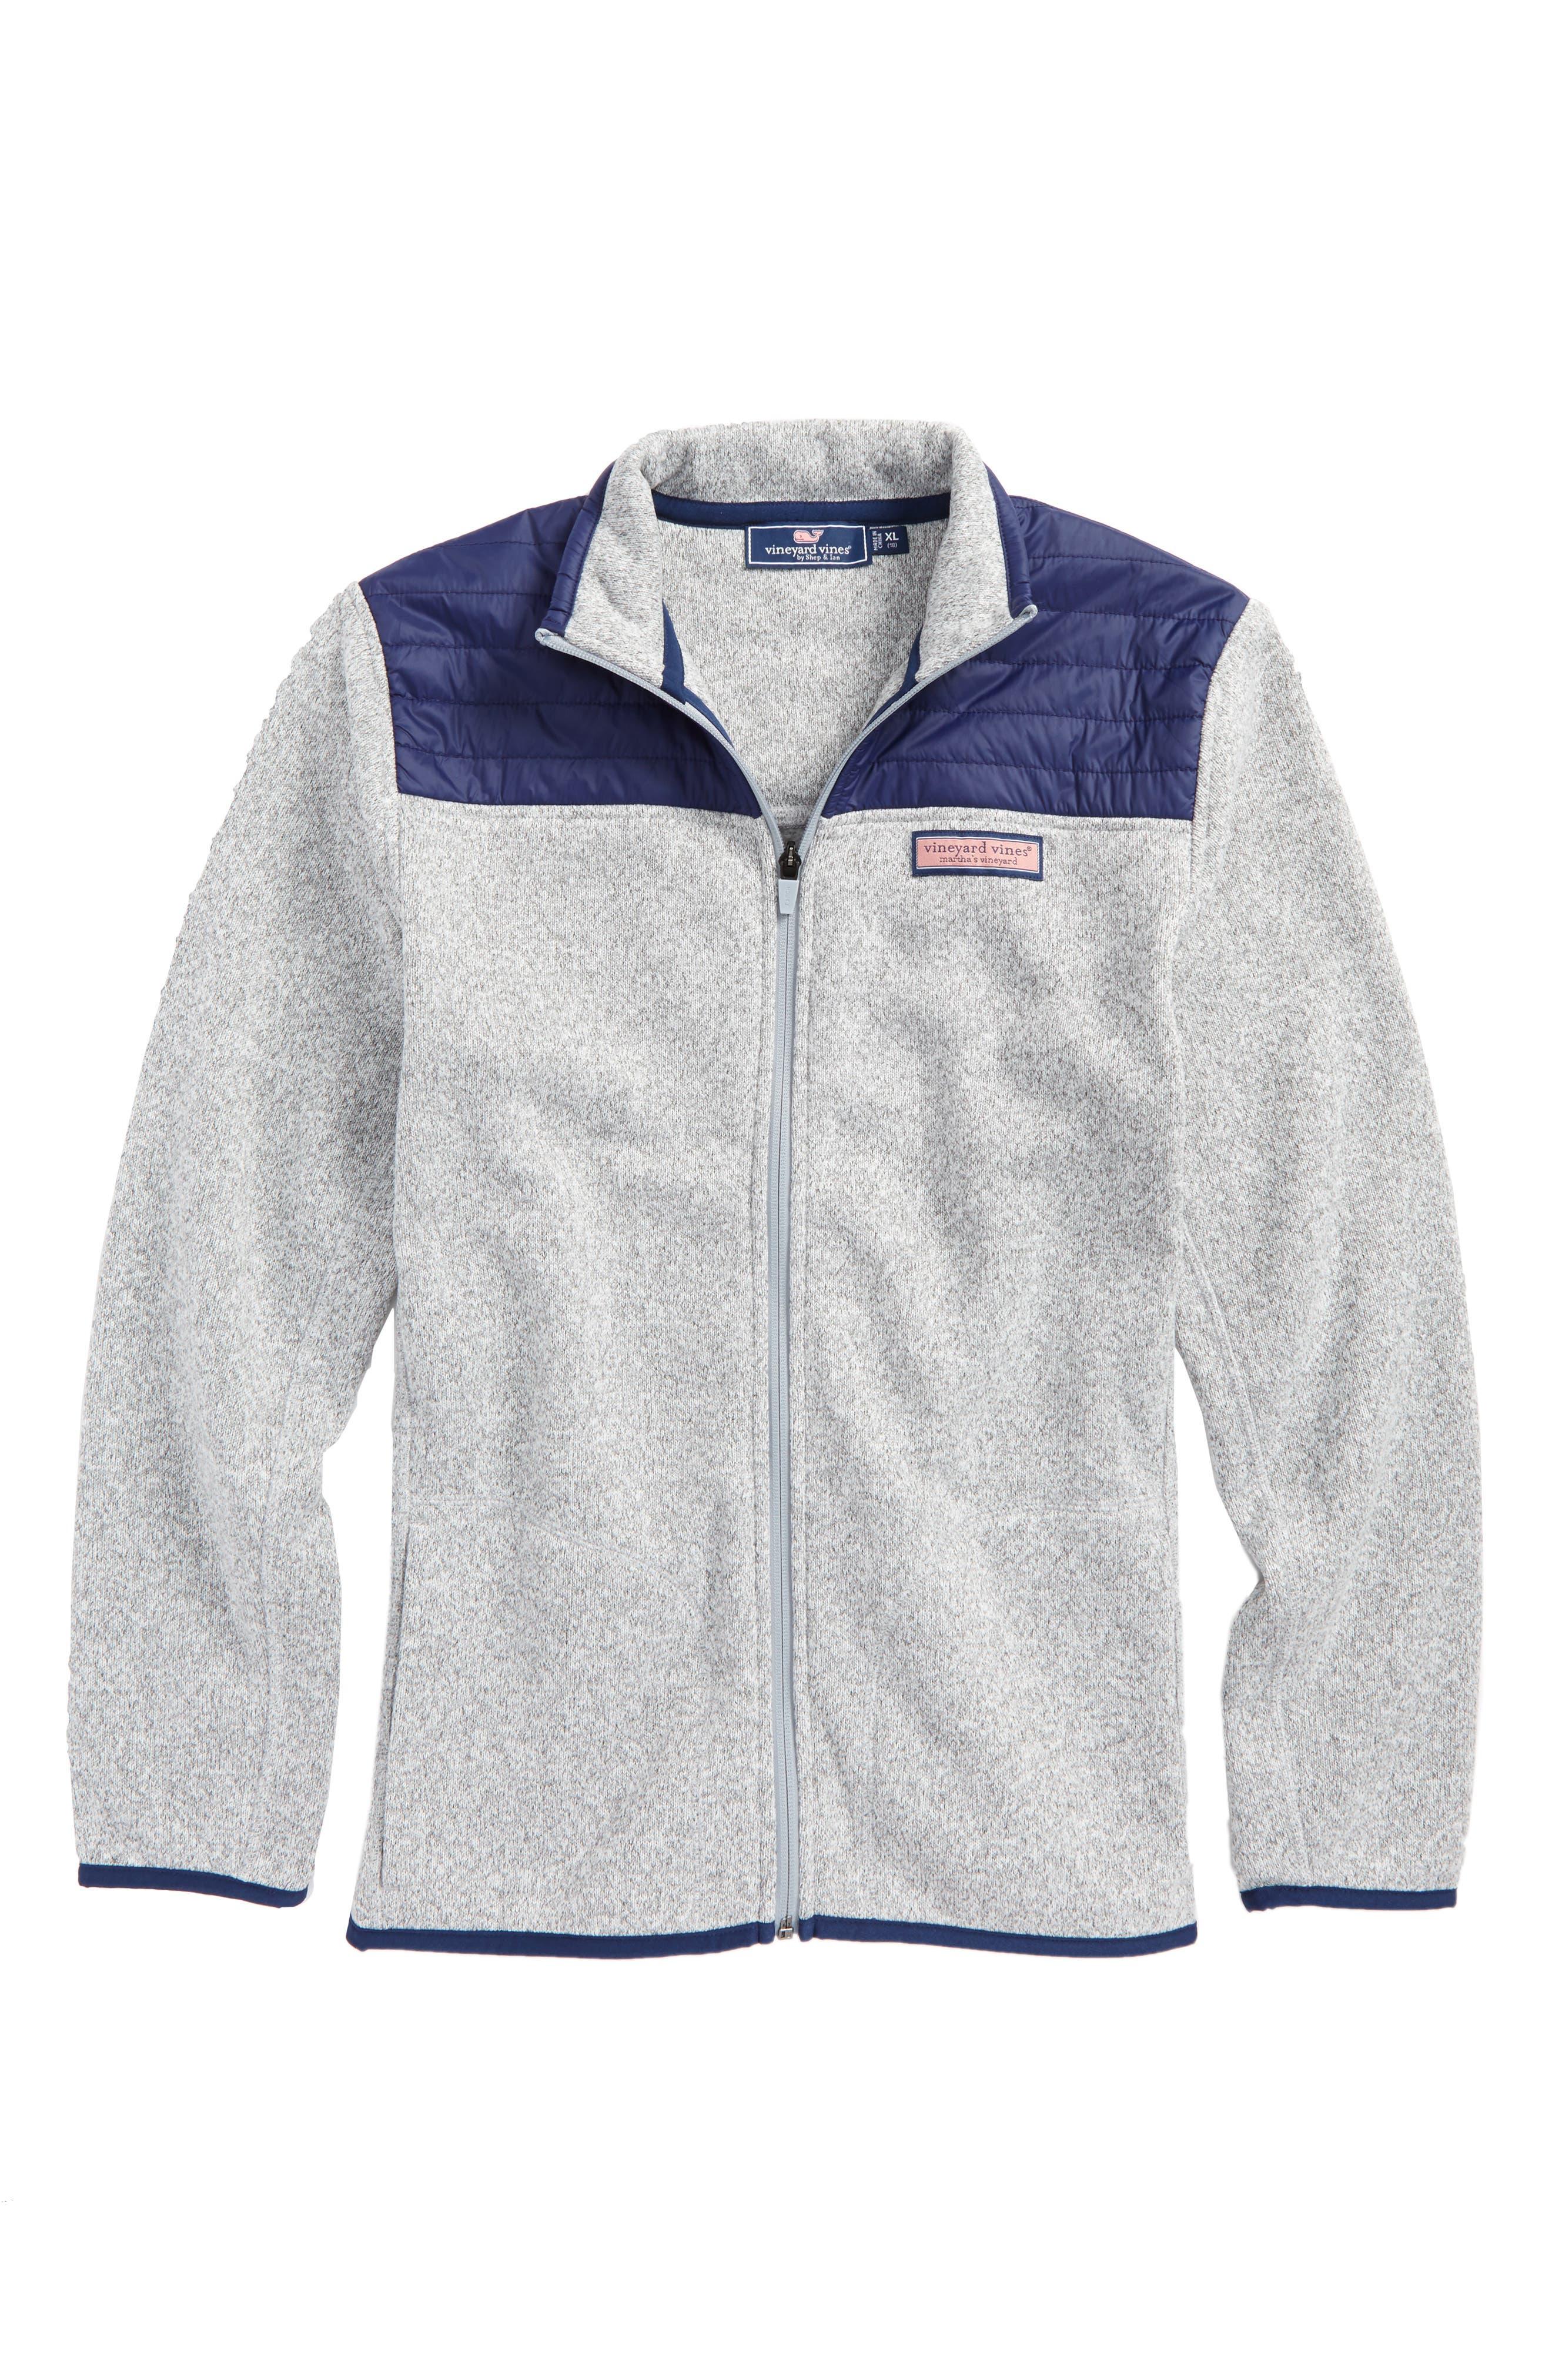 Full Zip Fleece Jacket,                         Main,                         color, Gray Heather